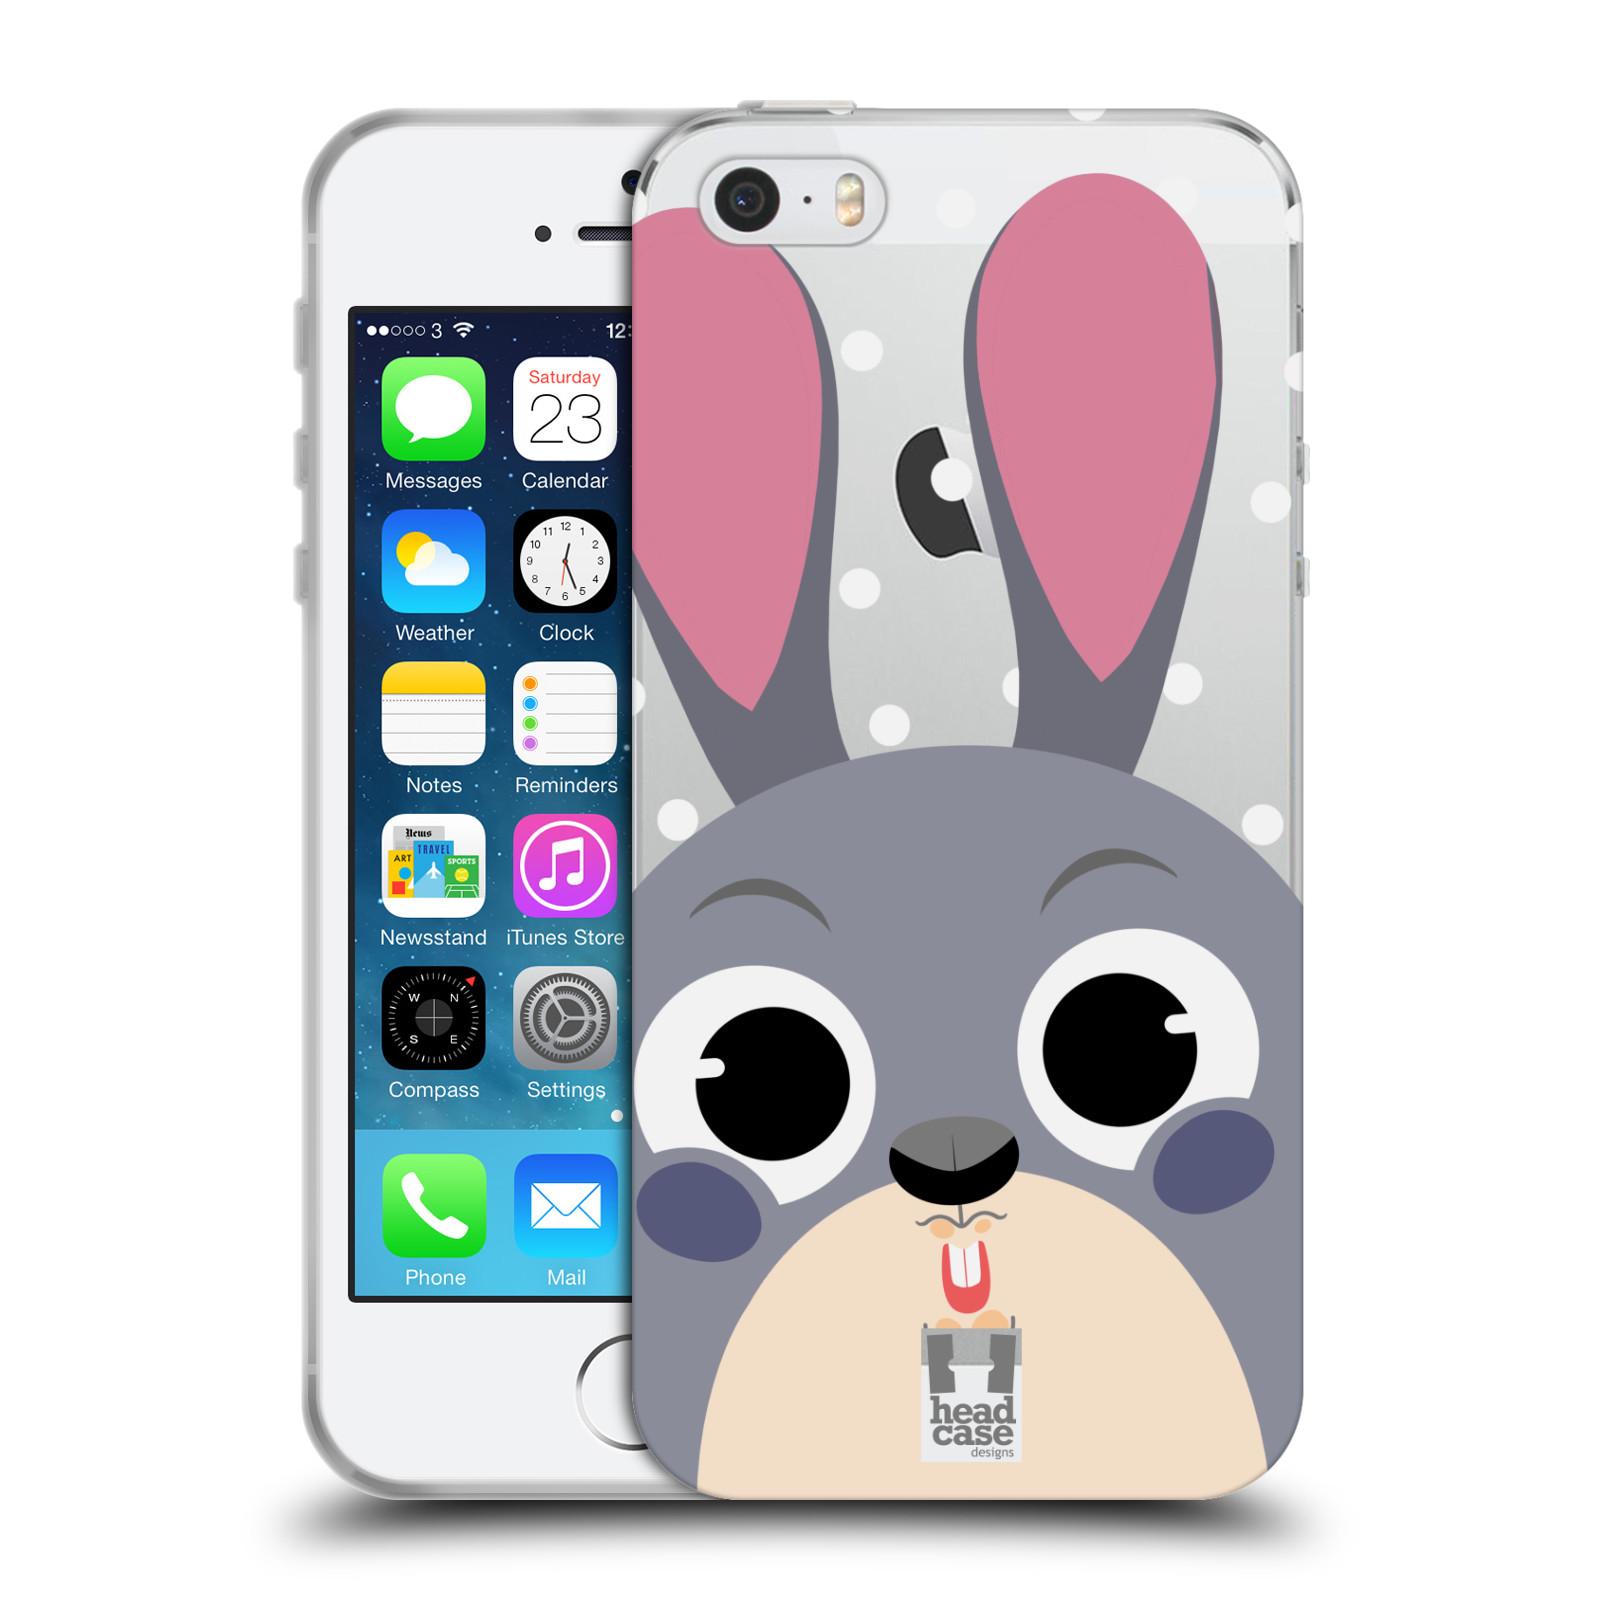 Silikonové pouzdro na mobil Apple iPhone 5, 5S, SE - Head Case - Králíček roztomilouš